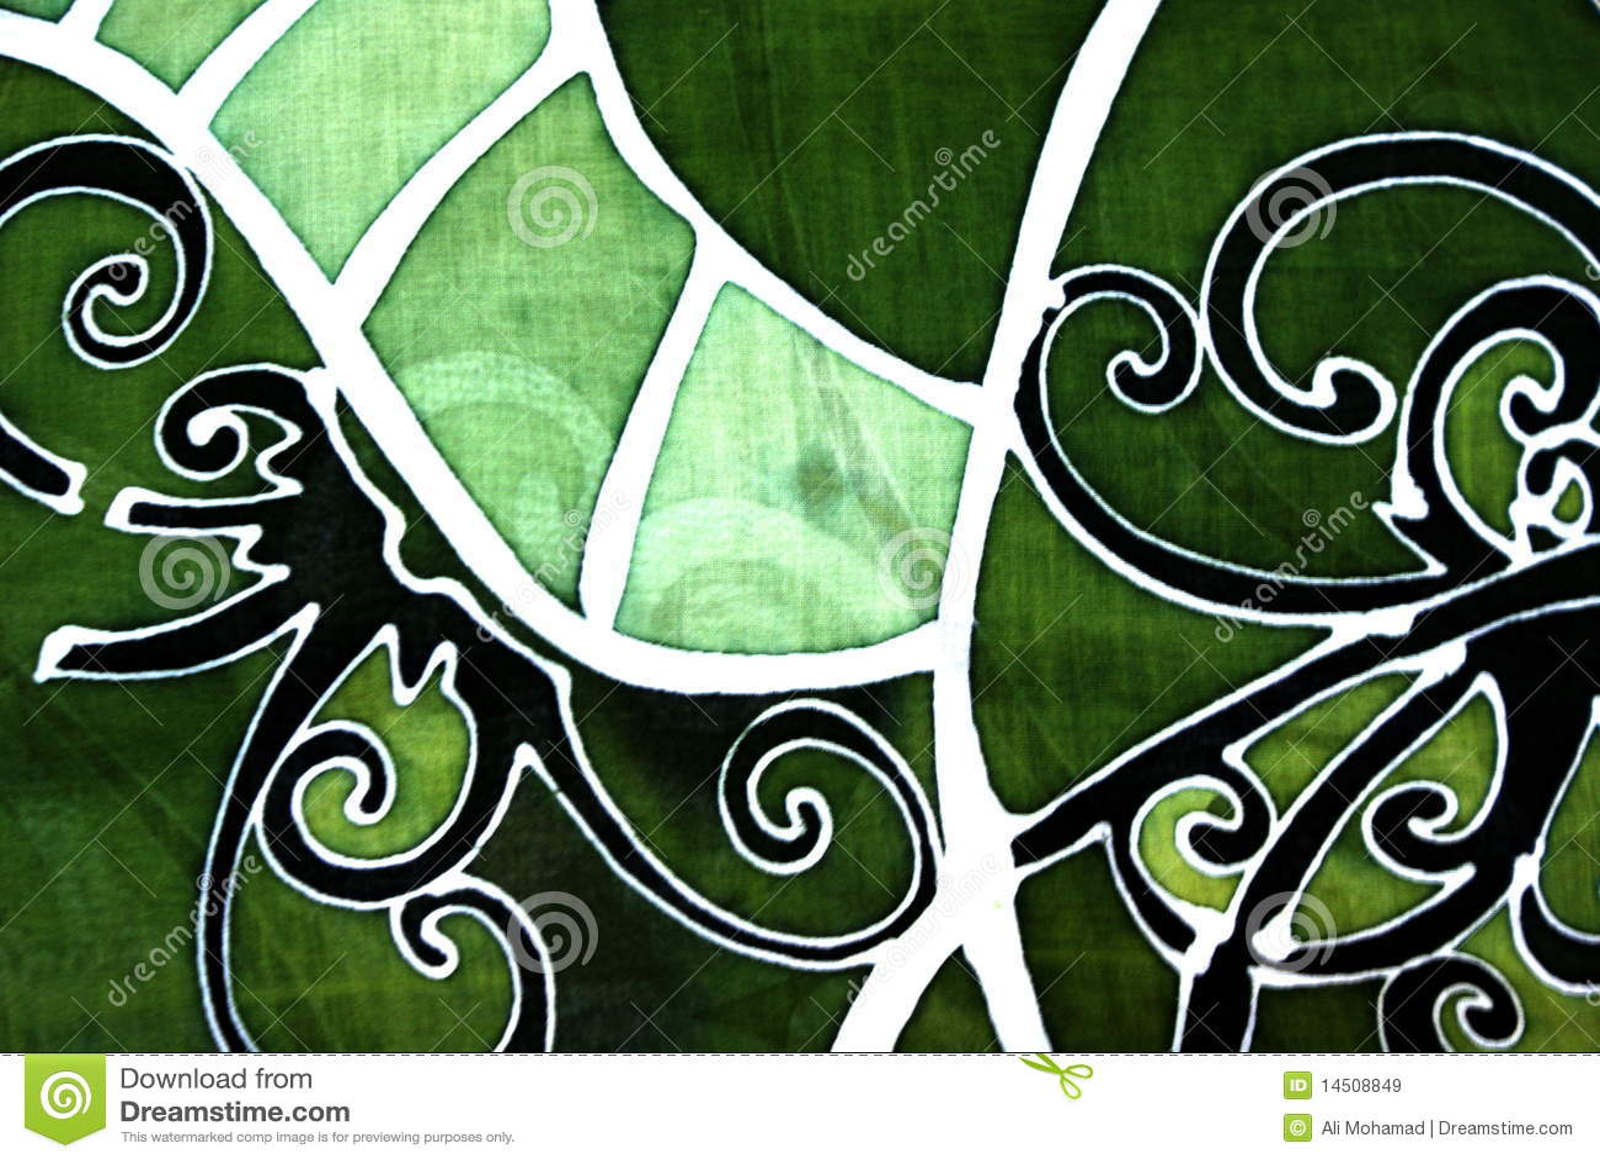 Batik Design known as batik in Malaysia